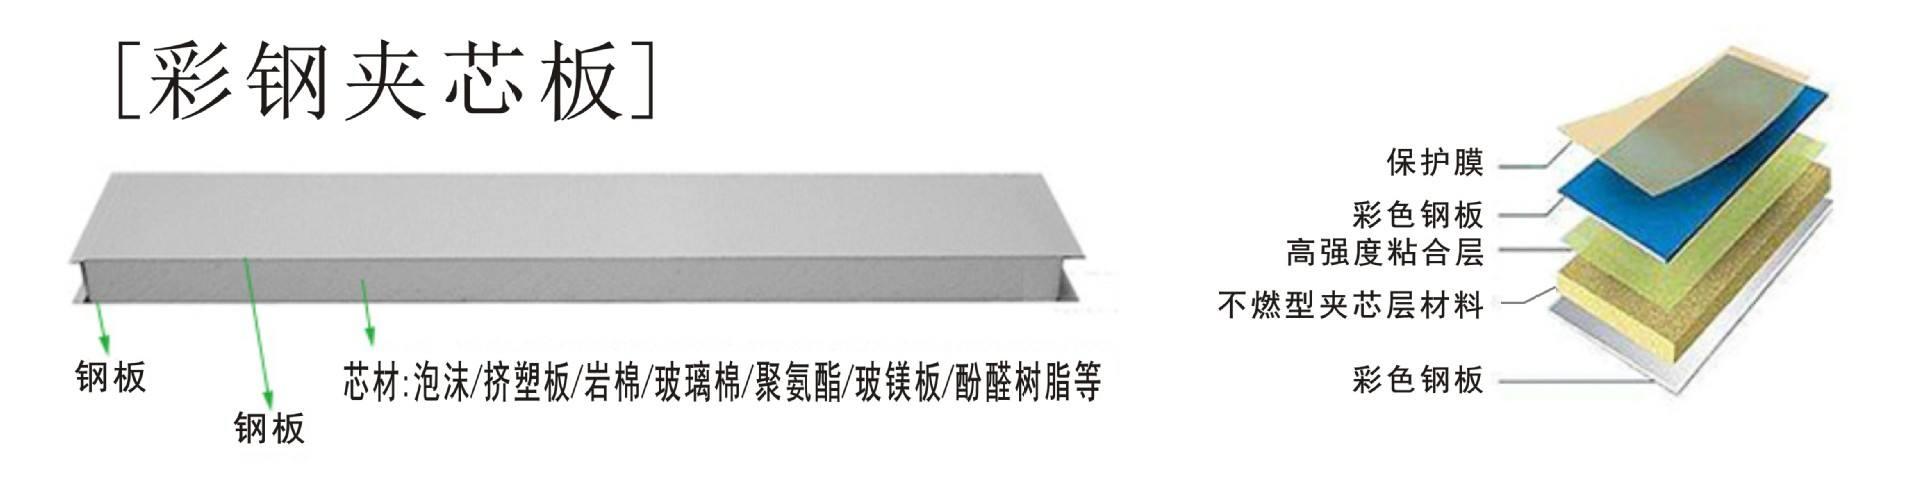 屹诚净化工程教你如何选择彩钢岩棉夹芯板彩钢岩棉板